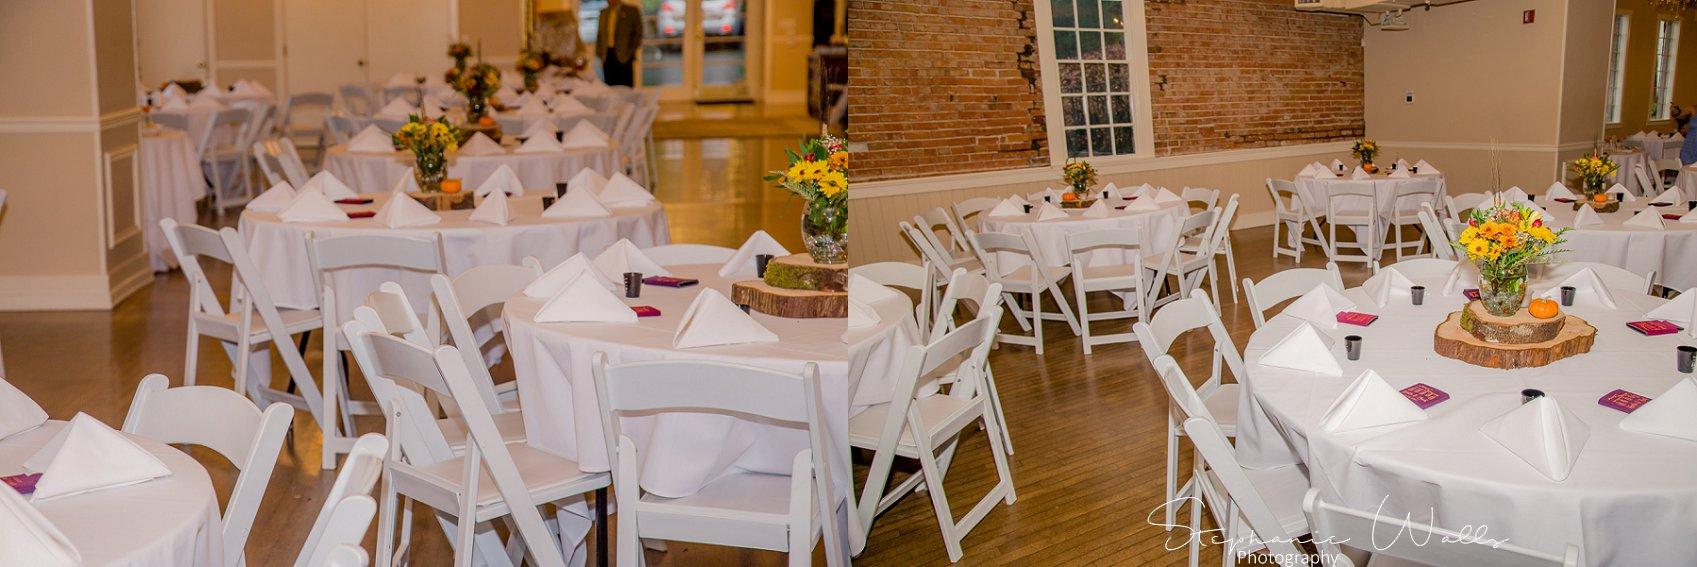 Olson Details 105 KK & Zack   Hollywood Schoolhouse Wedding   Woodinville, Wa Wedding Photographer